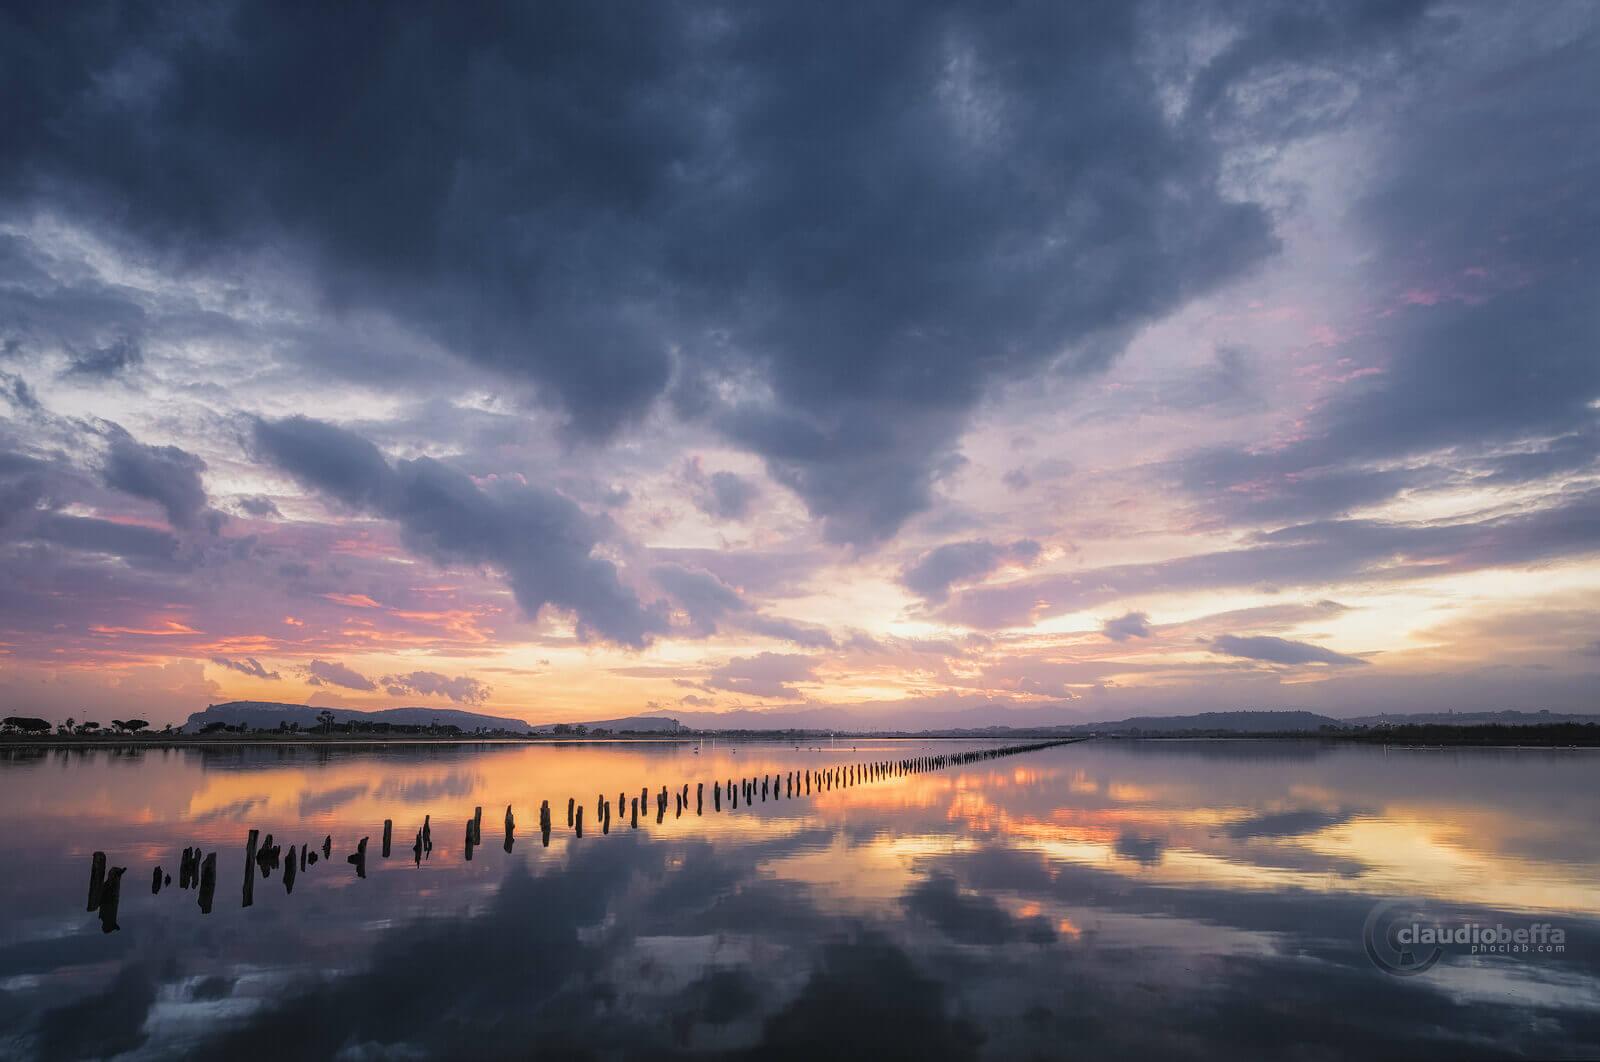 Salar de Cagliari, Salar, sunset, cagliari, sardinia, reflections, salt pond, sky, clouds, landscape